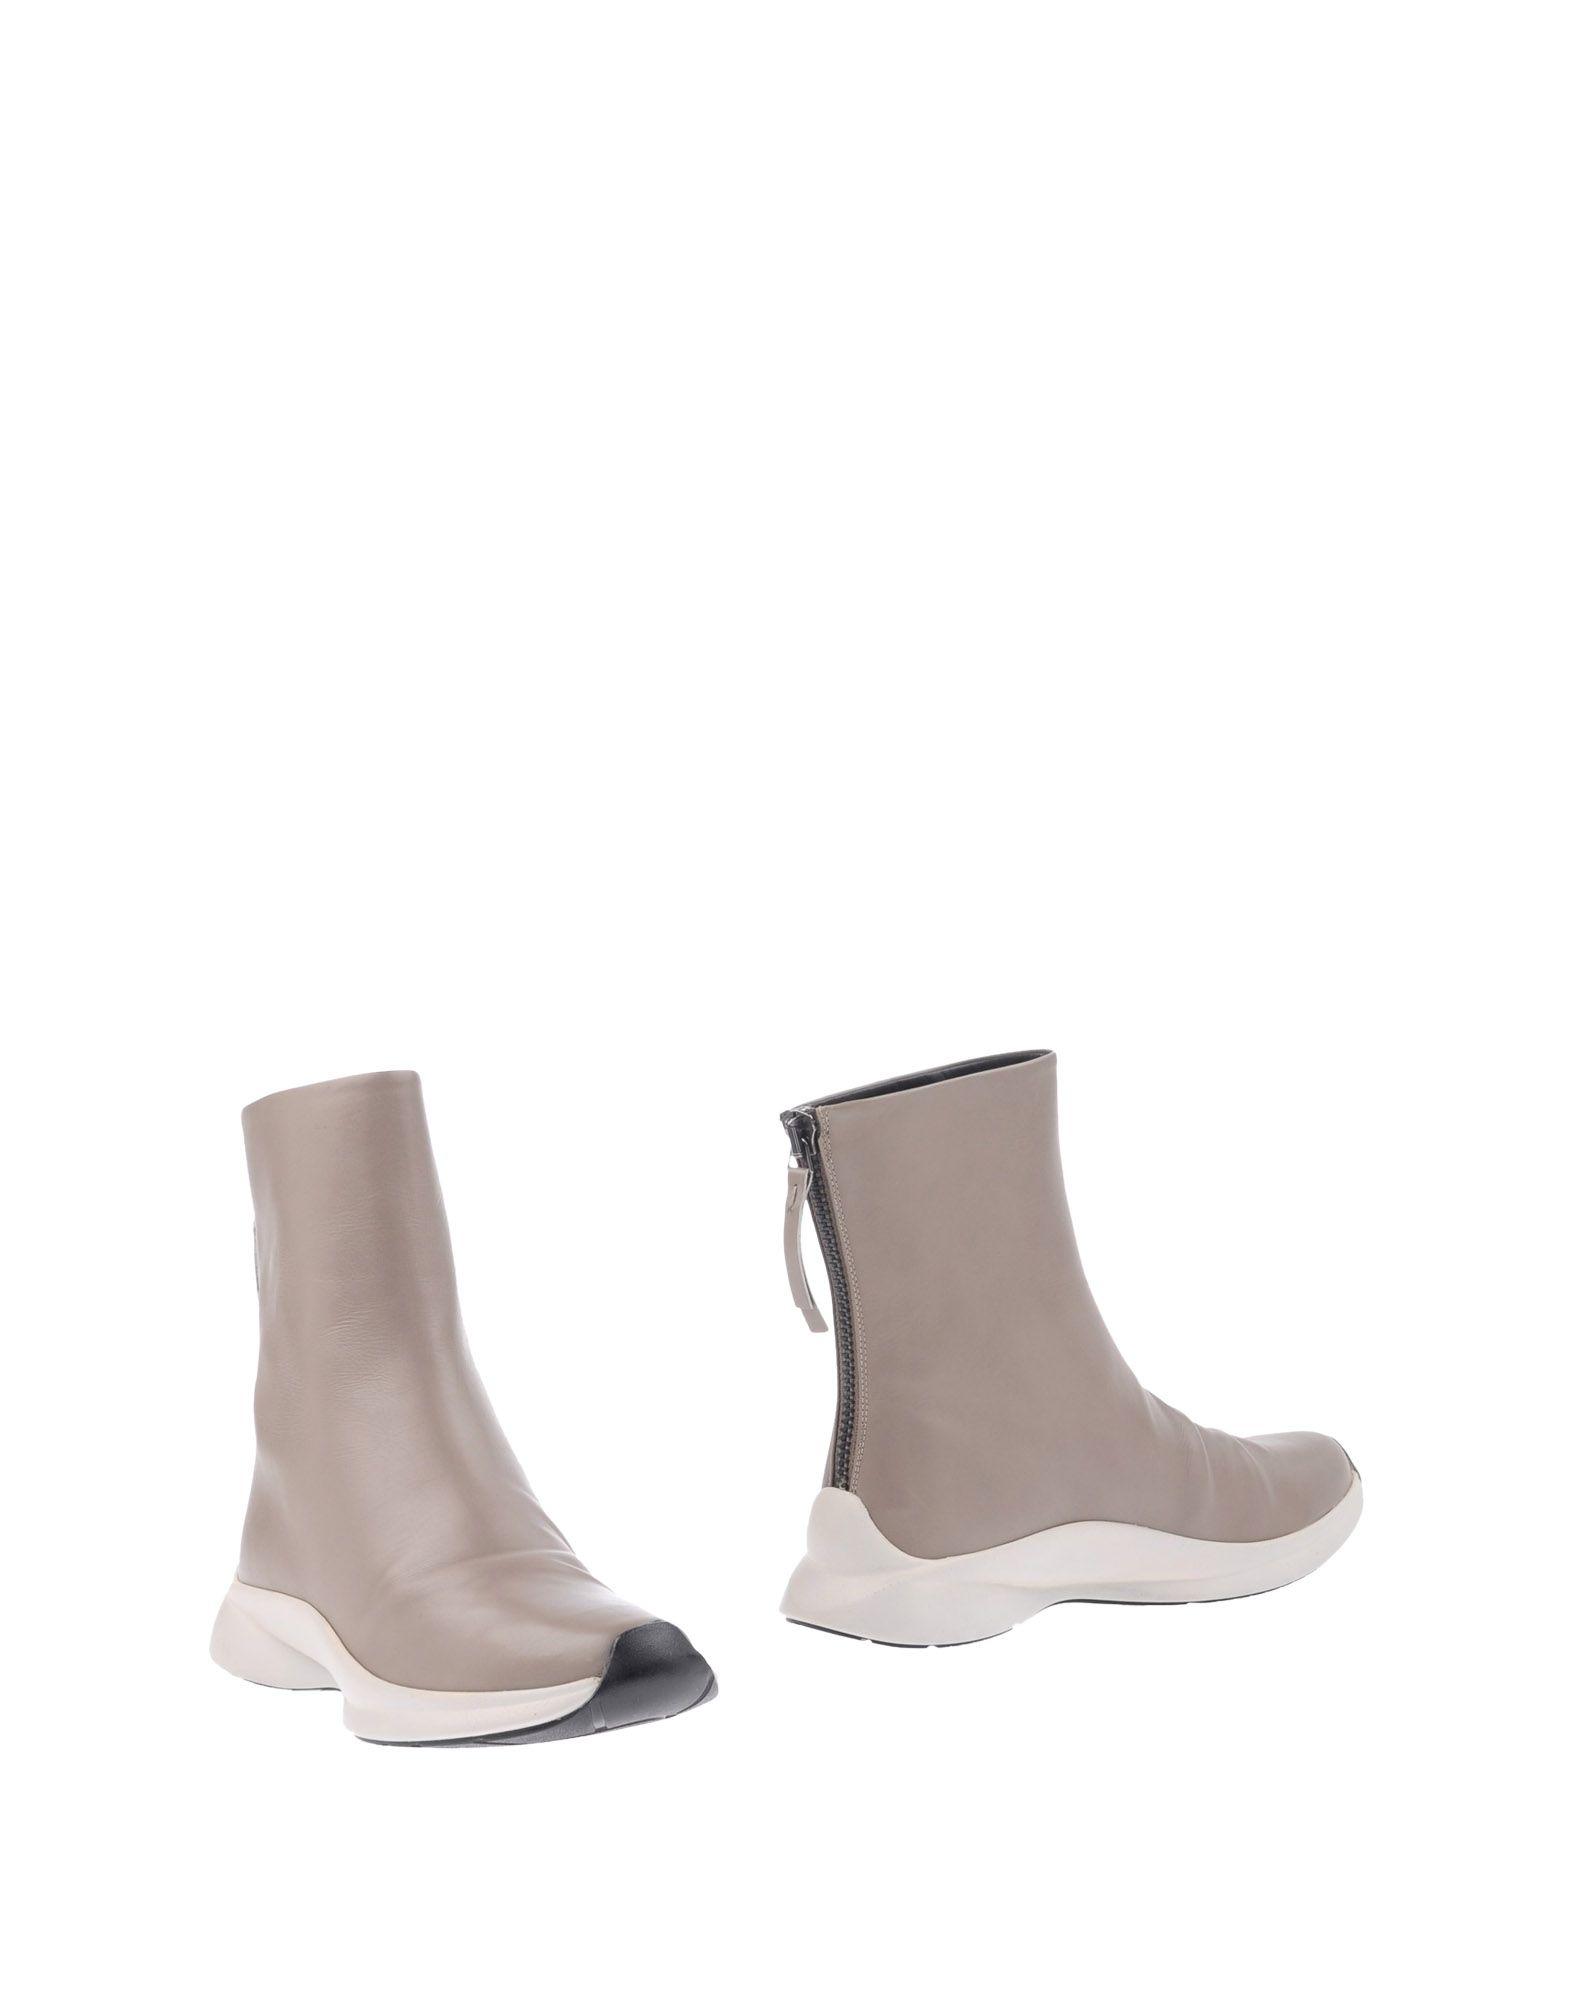 Gentryportofino Stiefelette Damen  11286928XDGut aussehende strapazierfähige Schuhe